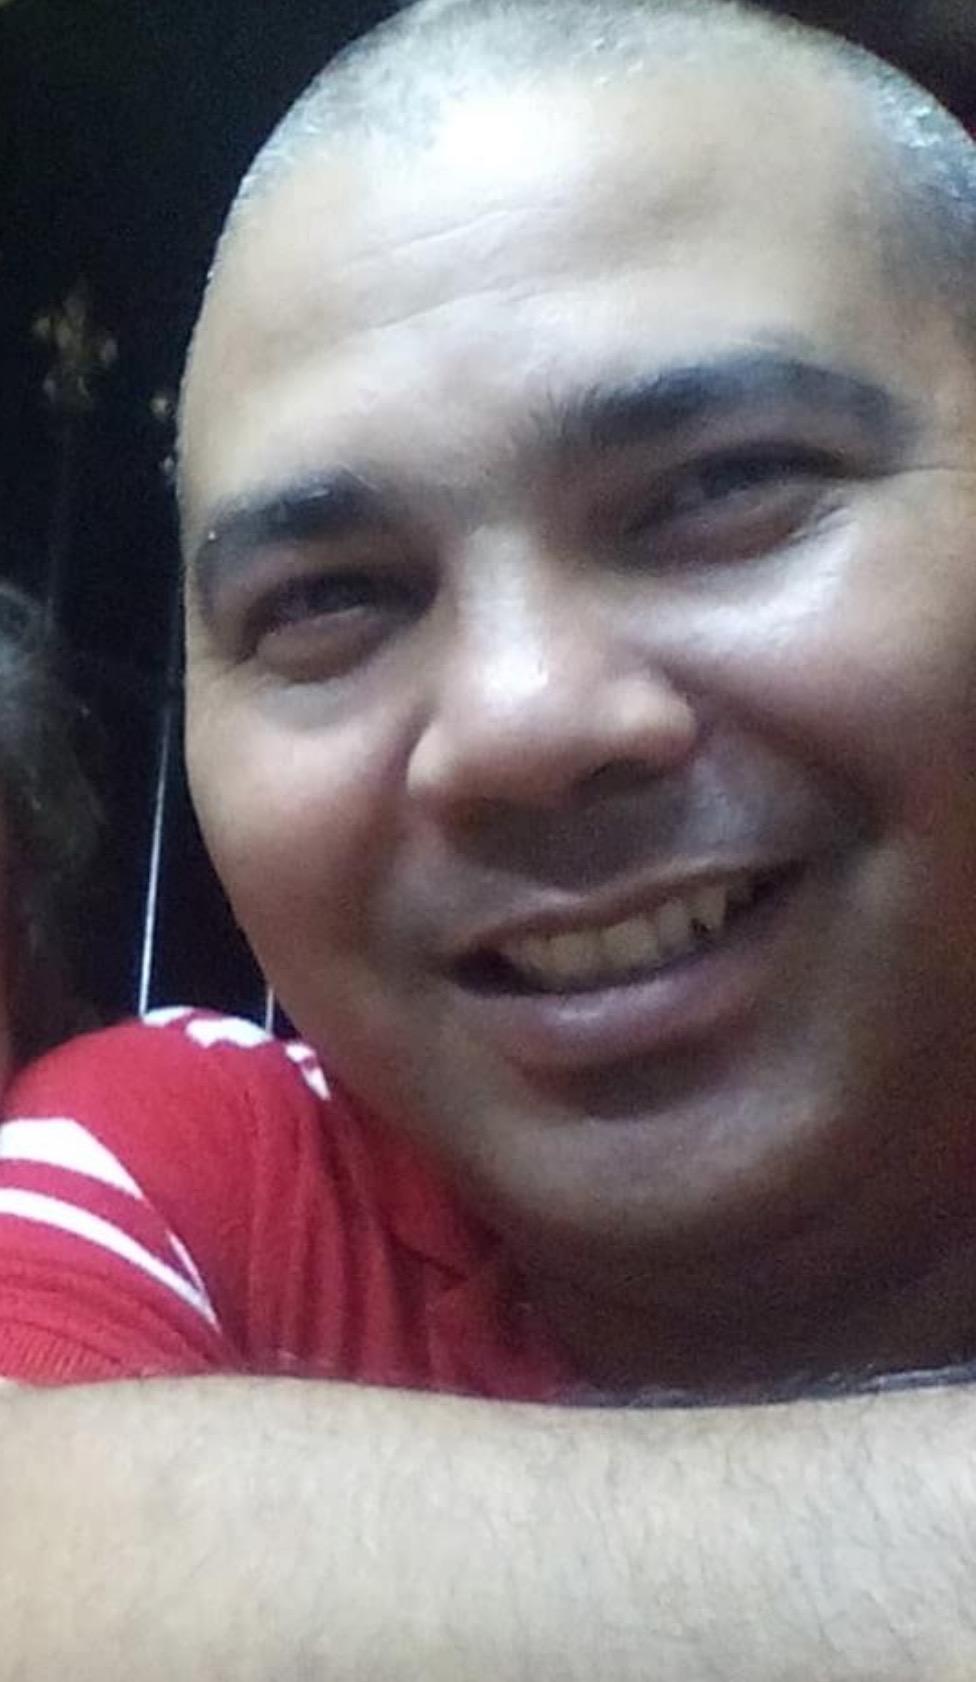 Yunier rodriguez